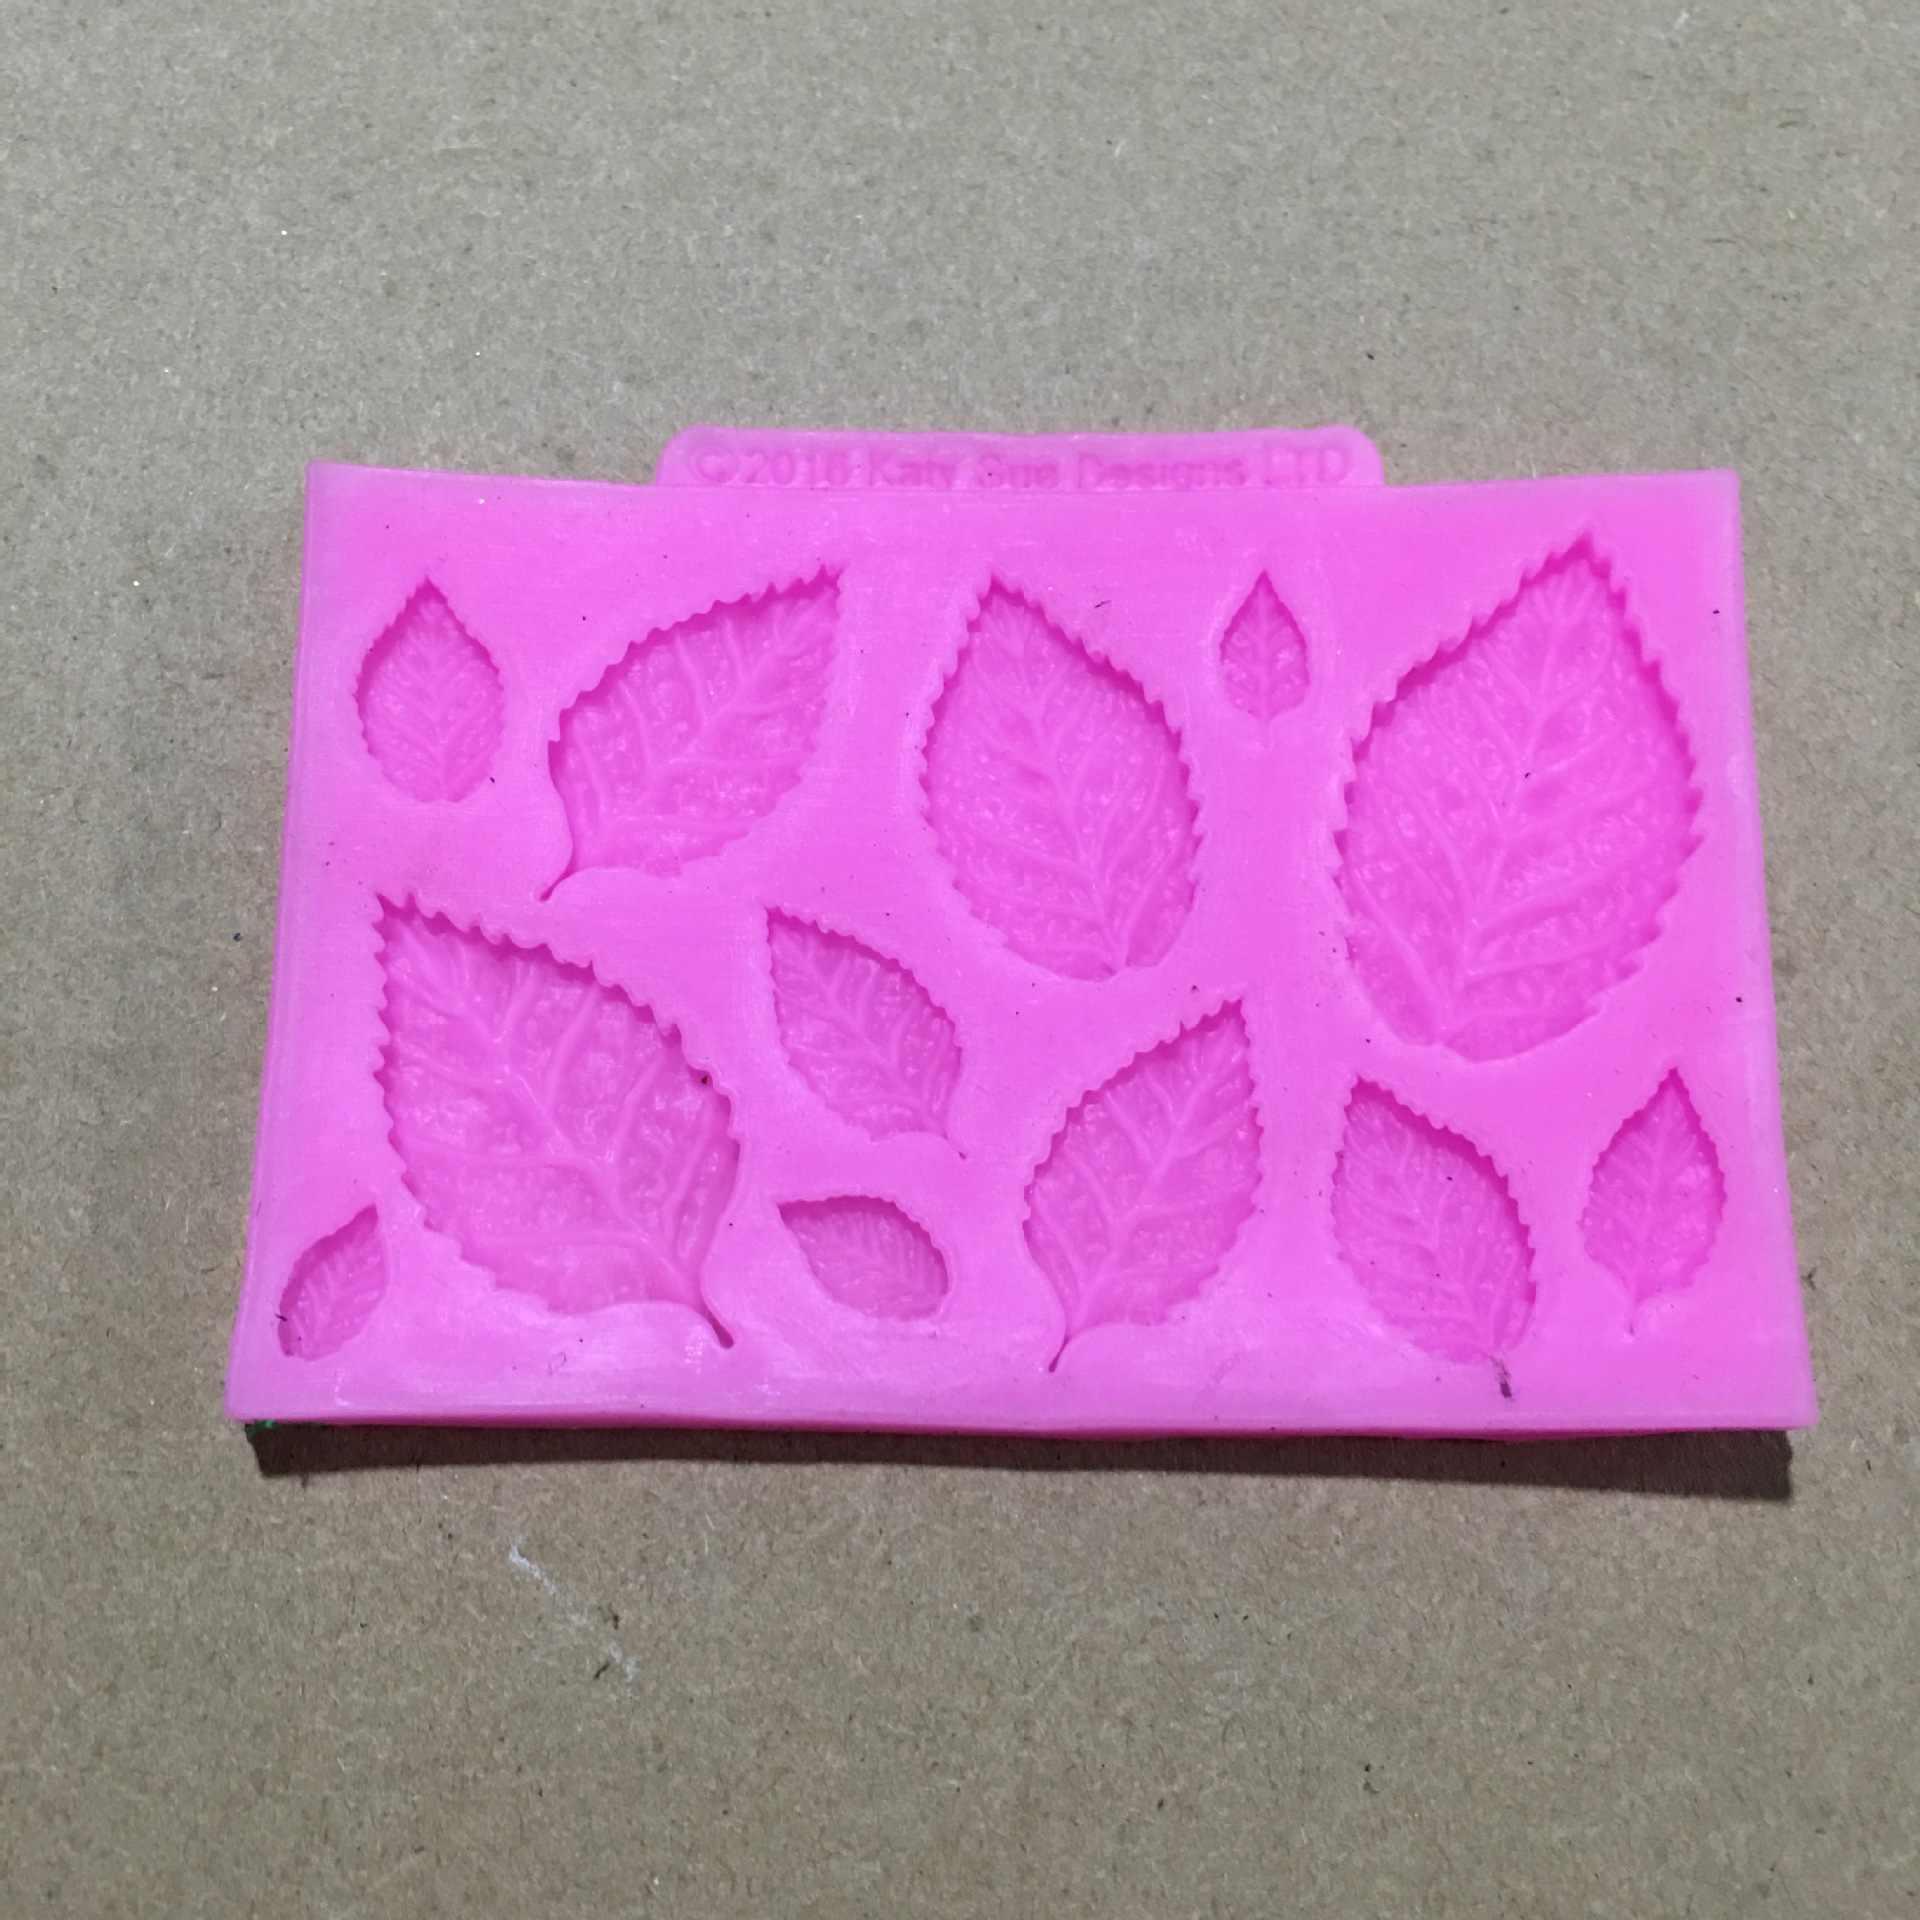 BK1121 liść silikonowe formy ciasto dekoracyjne tynk